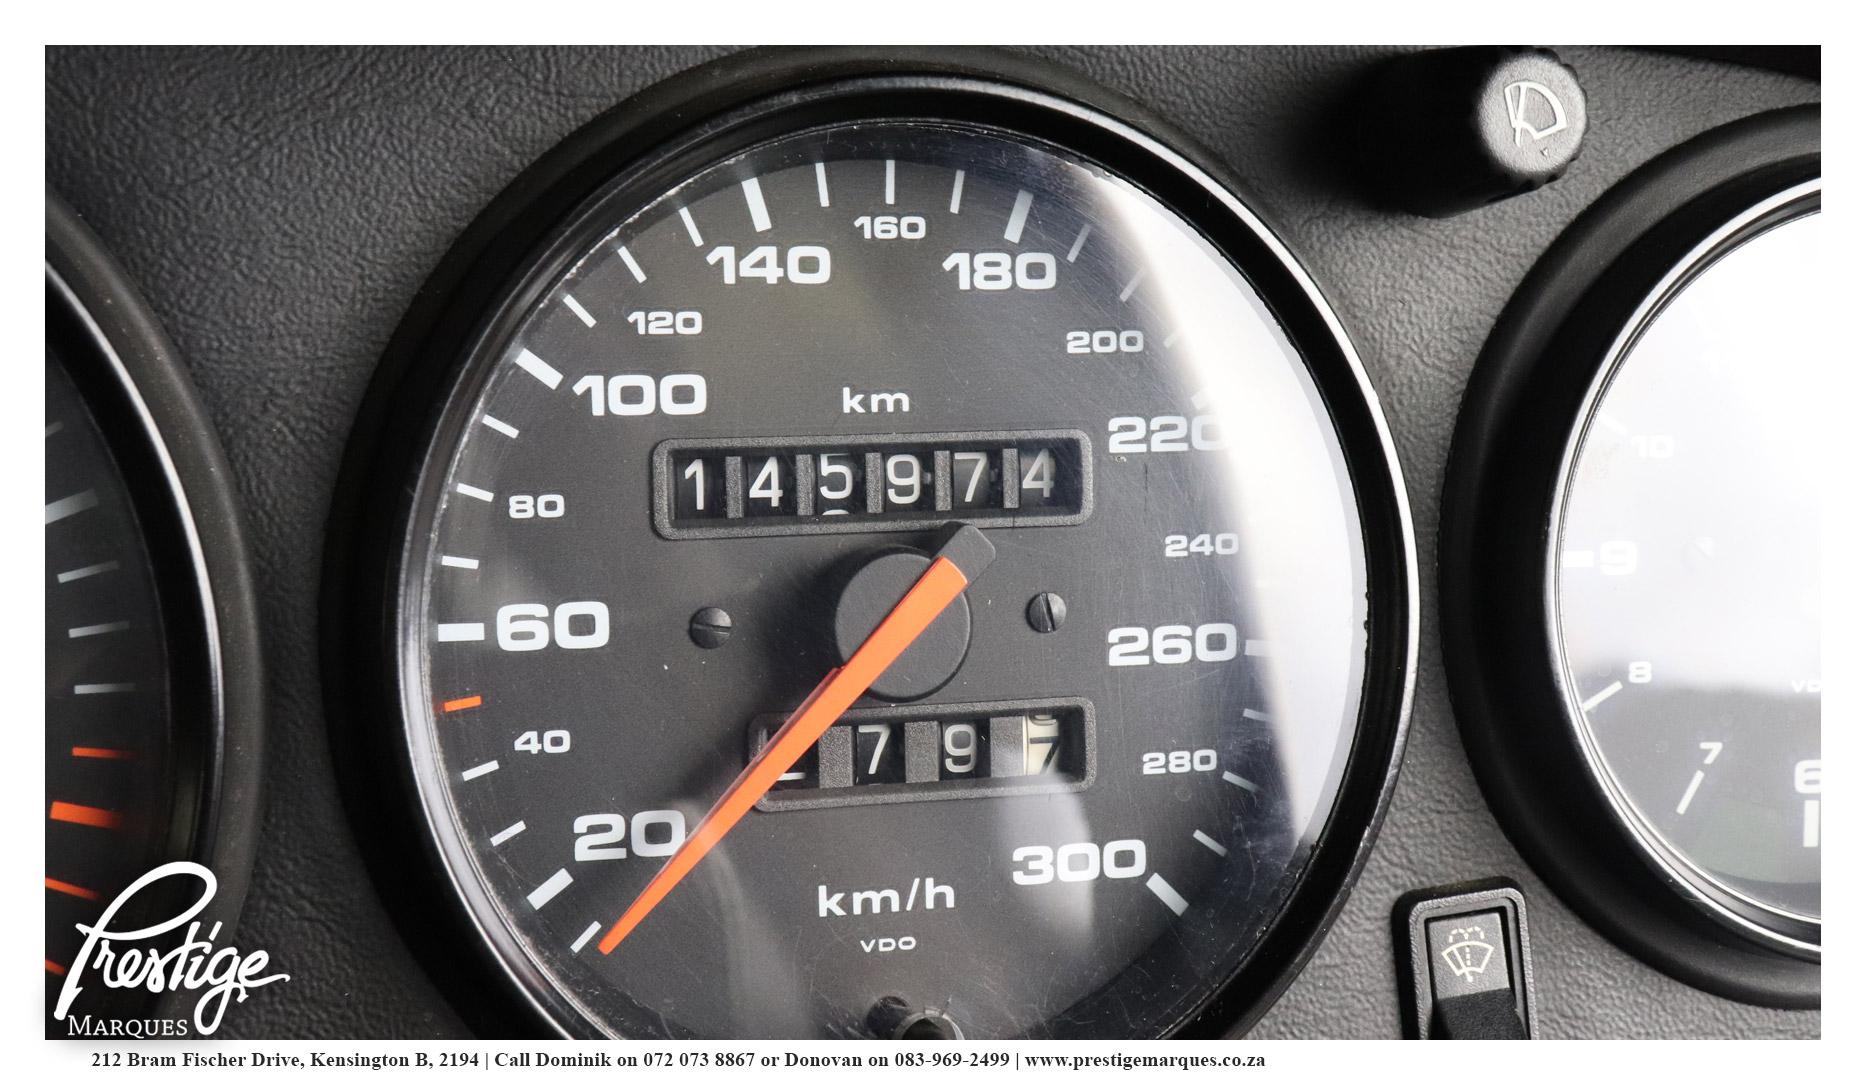 Prestige-Marques-1990-Porsche-964-Carrera 2-Manual-14